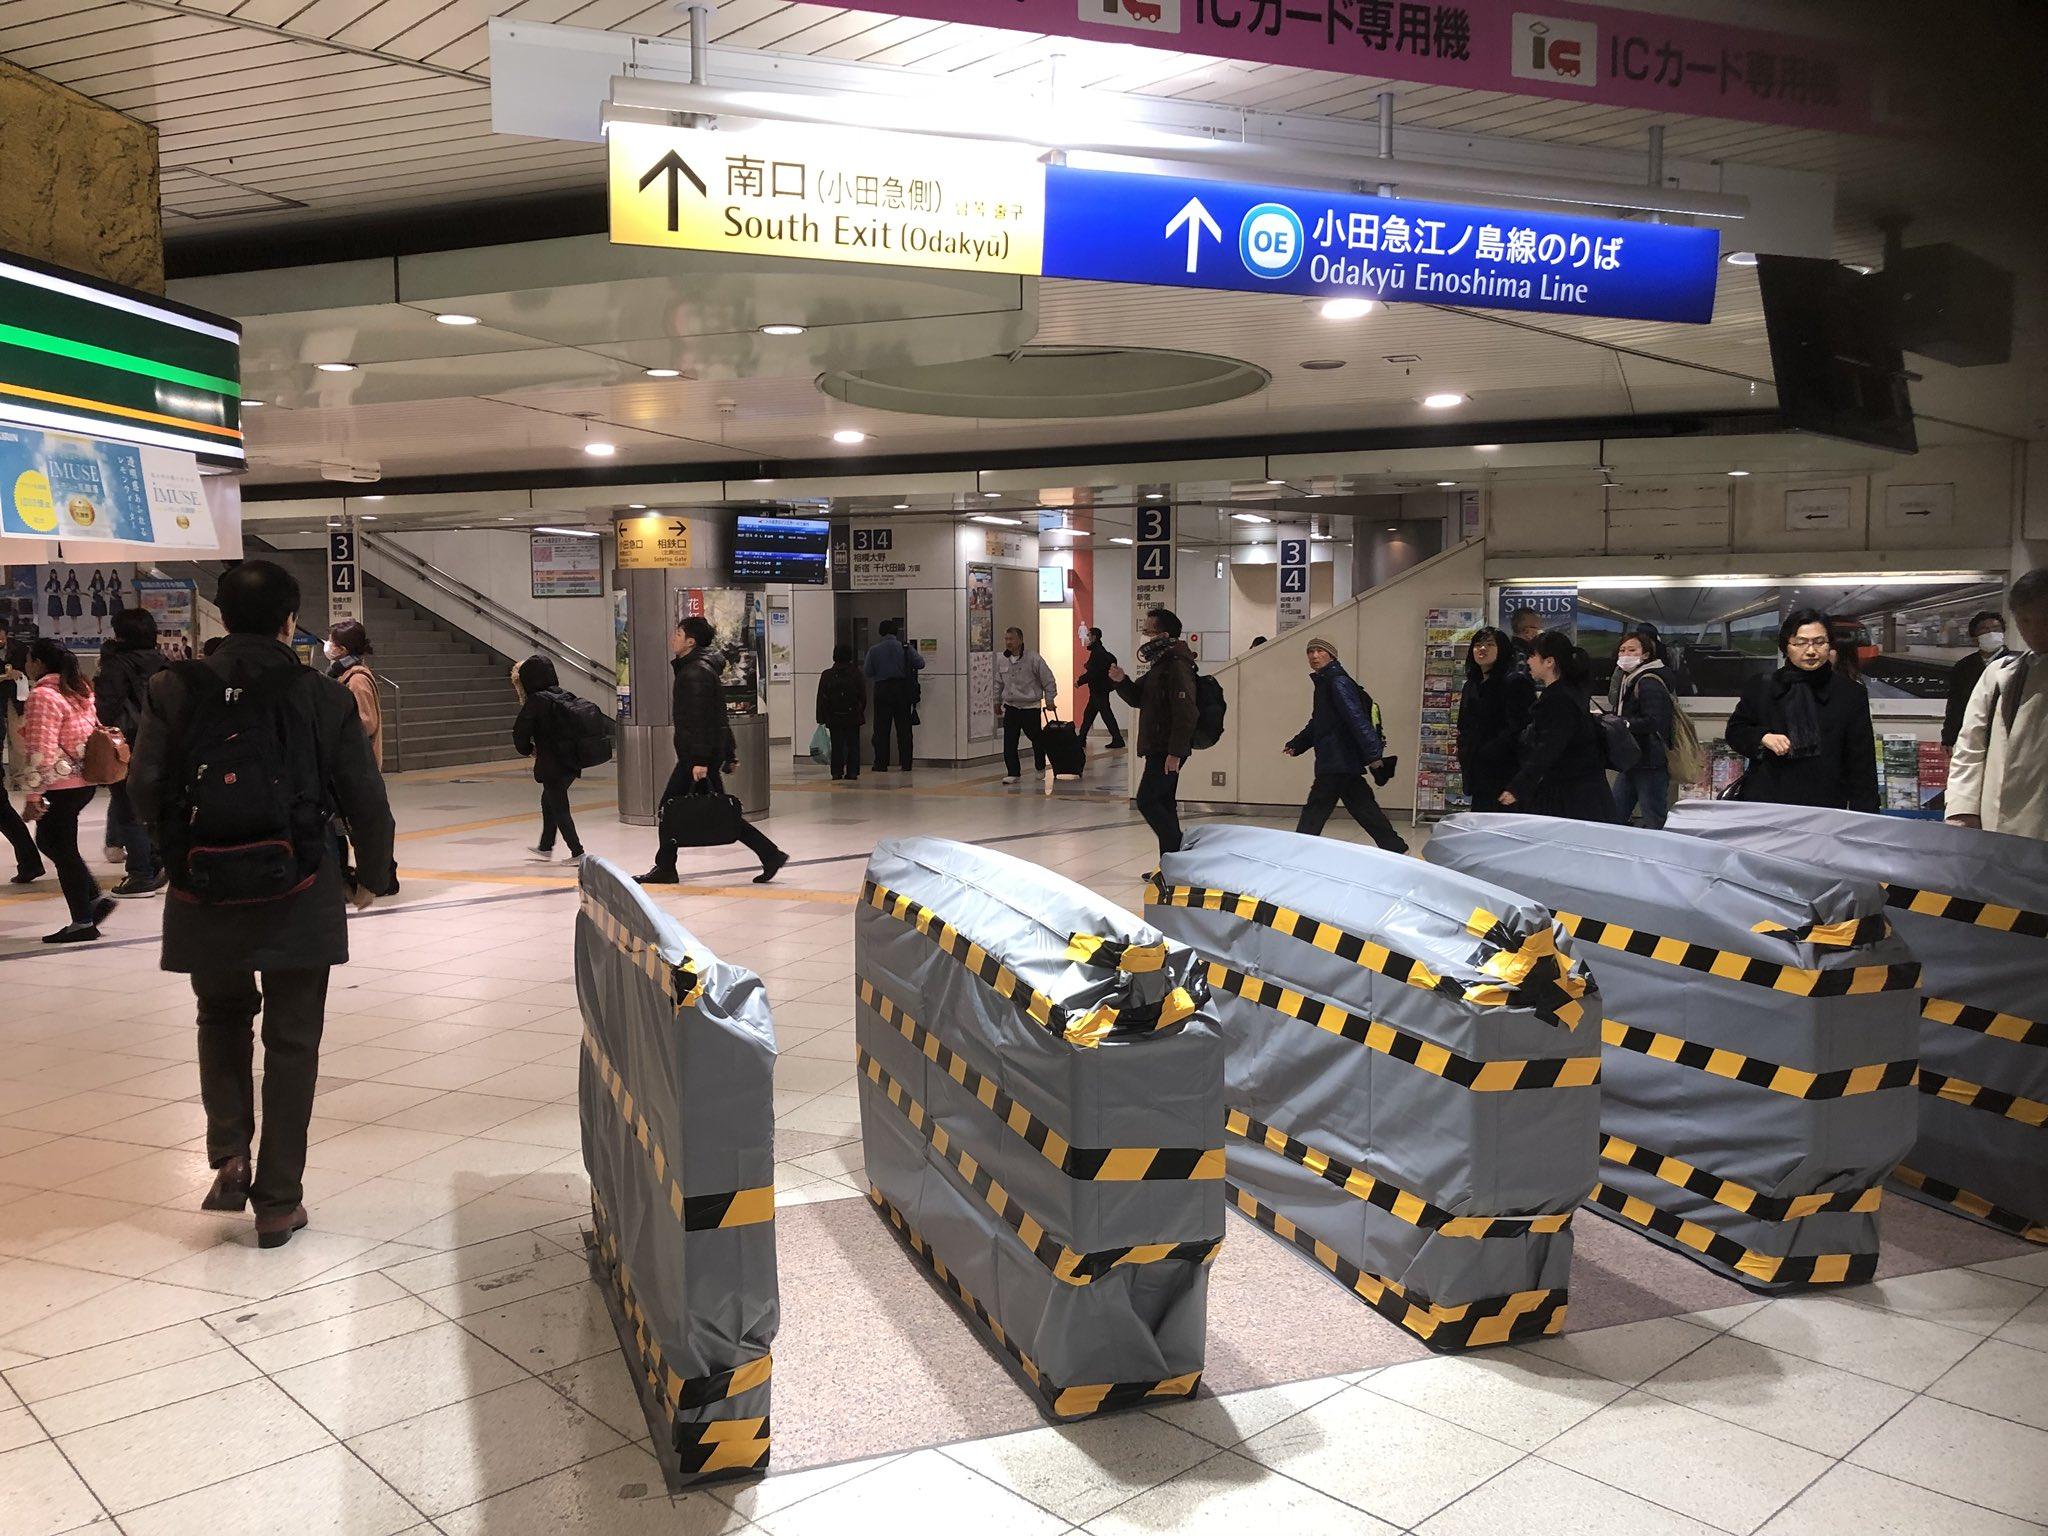 画像,大和駅。3/17から小田急江ノ島線の乗り換えの際に中間改札が設けられます。もう準備万端の様子。 https://t.co/5lJVAdbw9U…